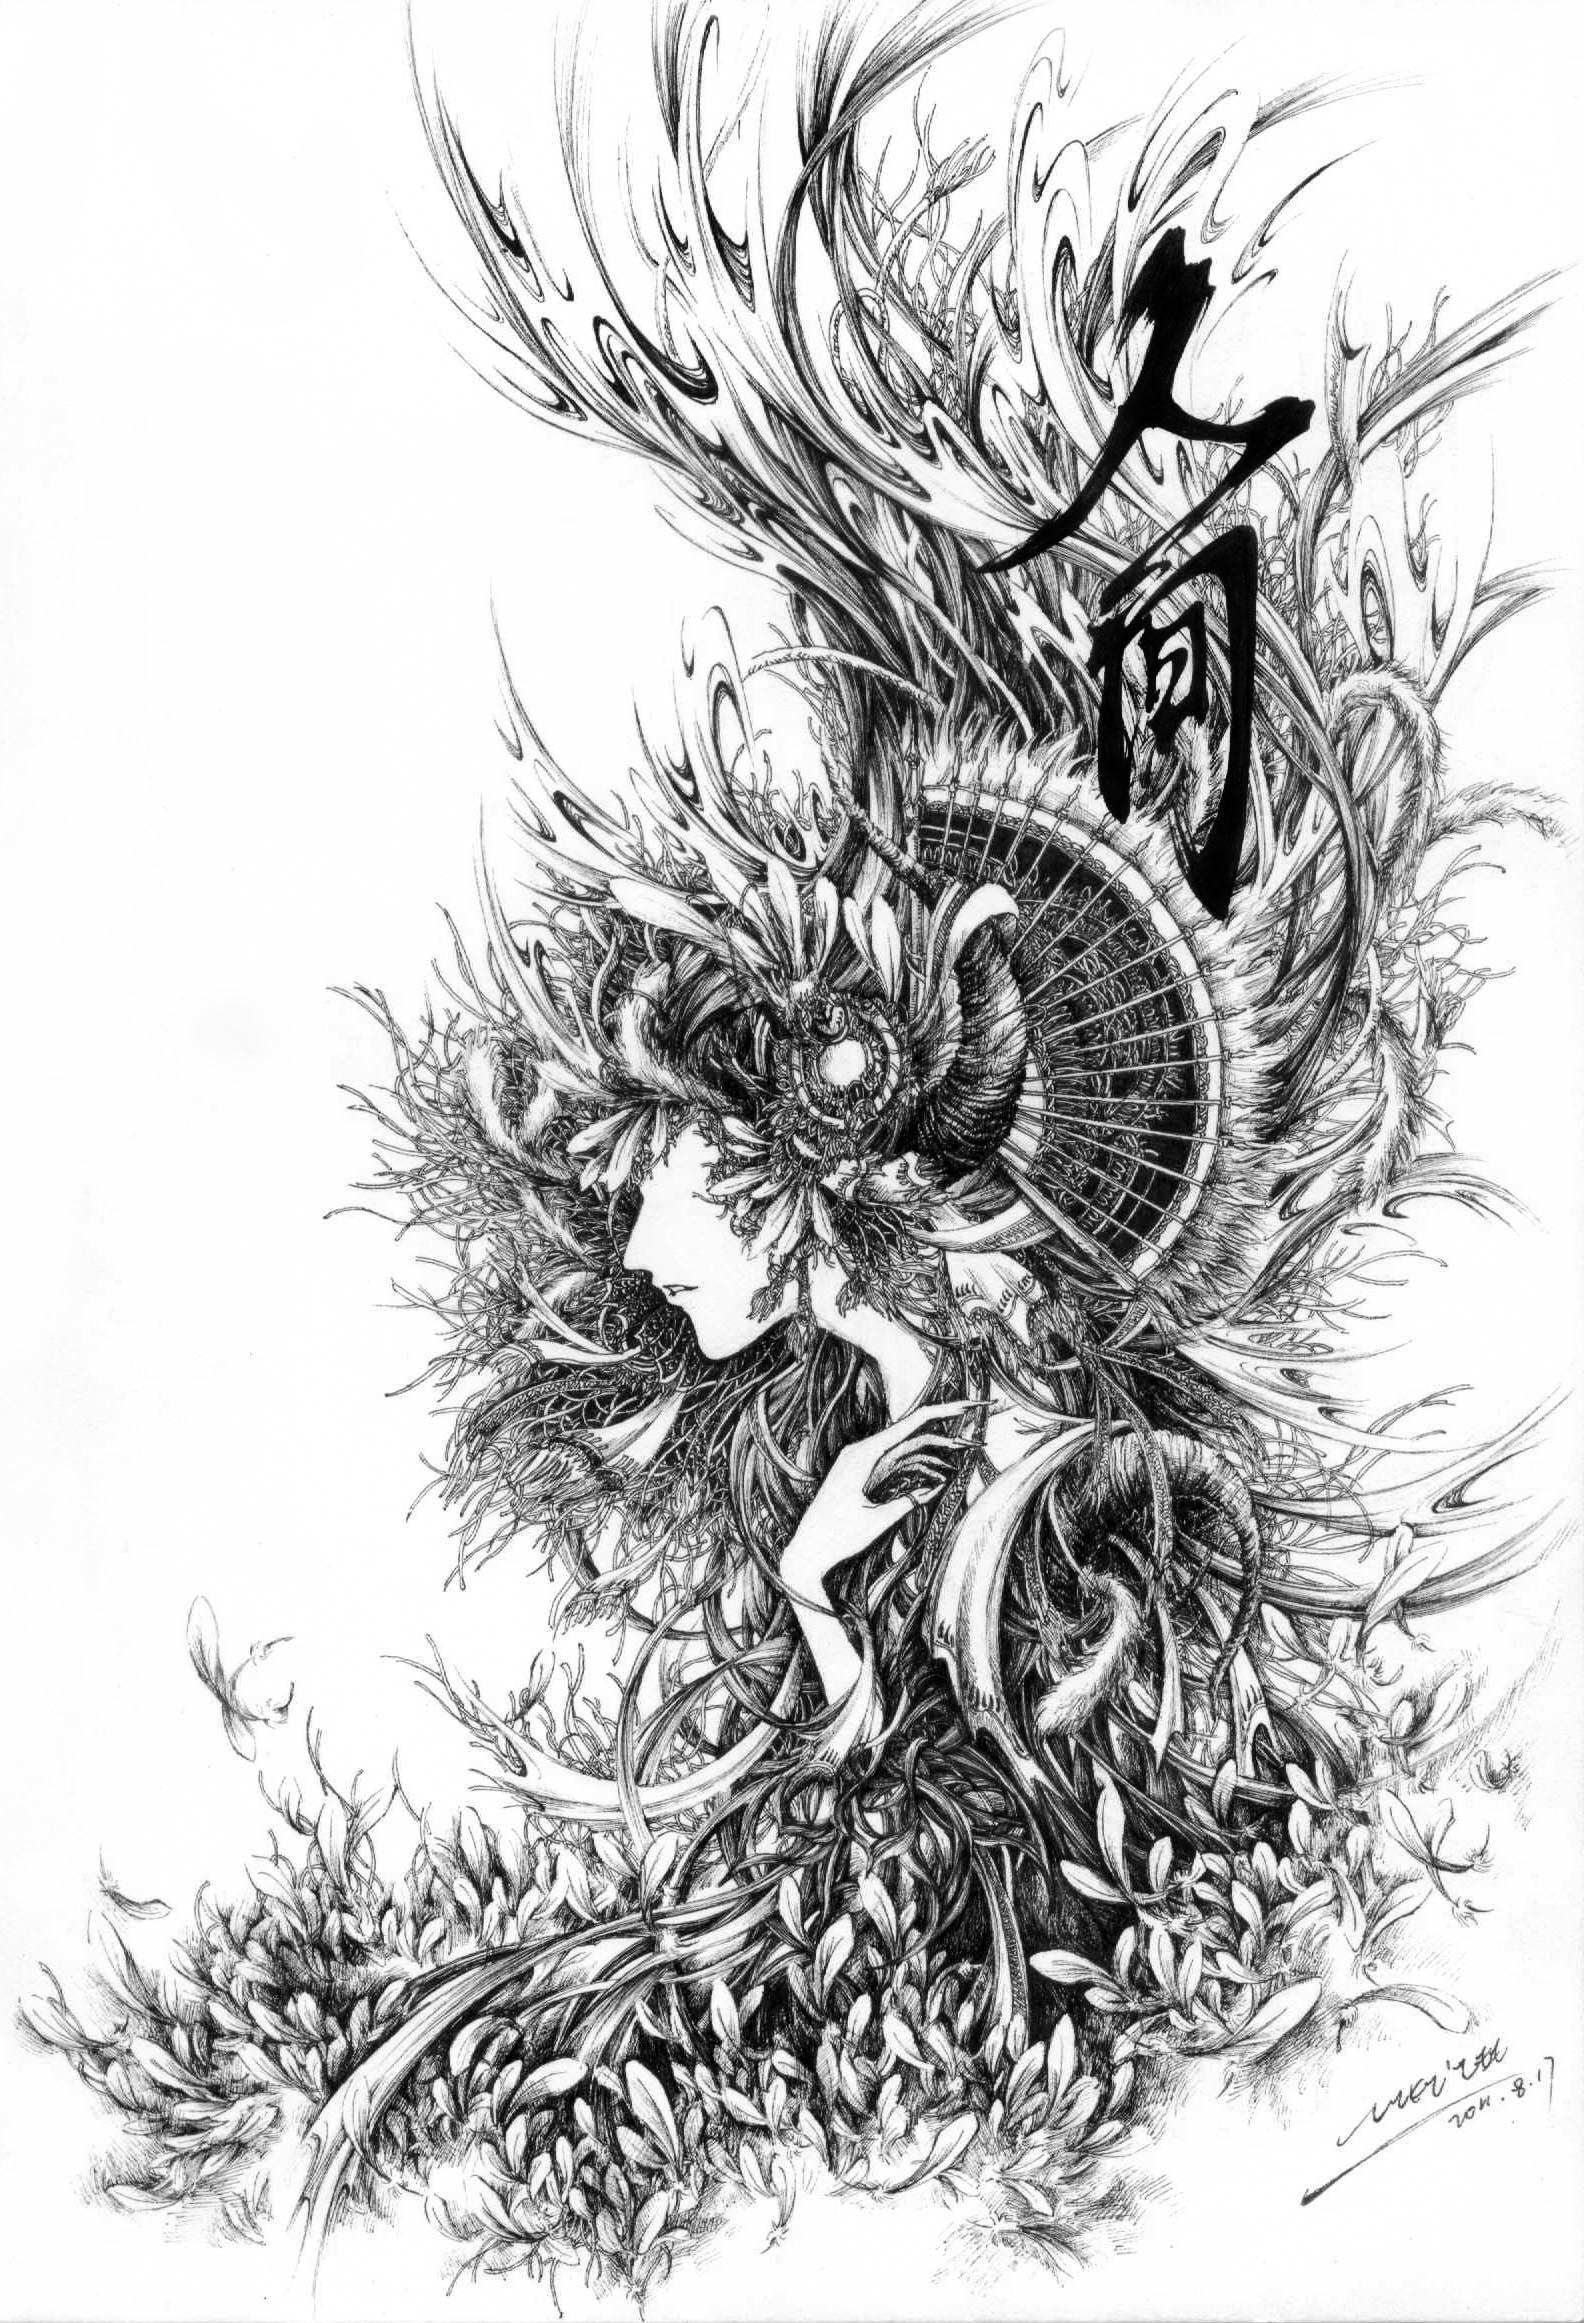 织魂——钢笔手绘《人间》《浮灯》··viki的随心幻想